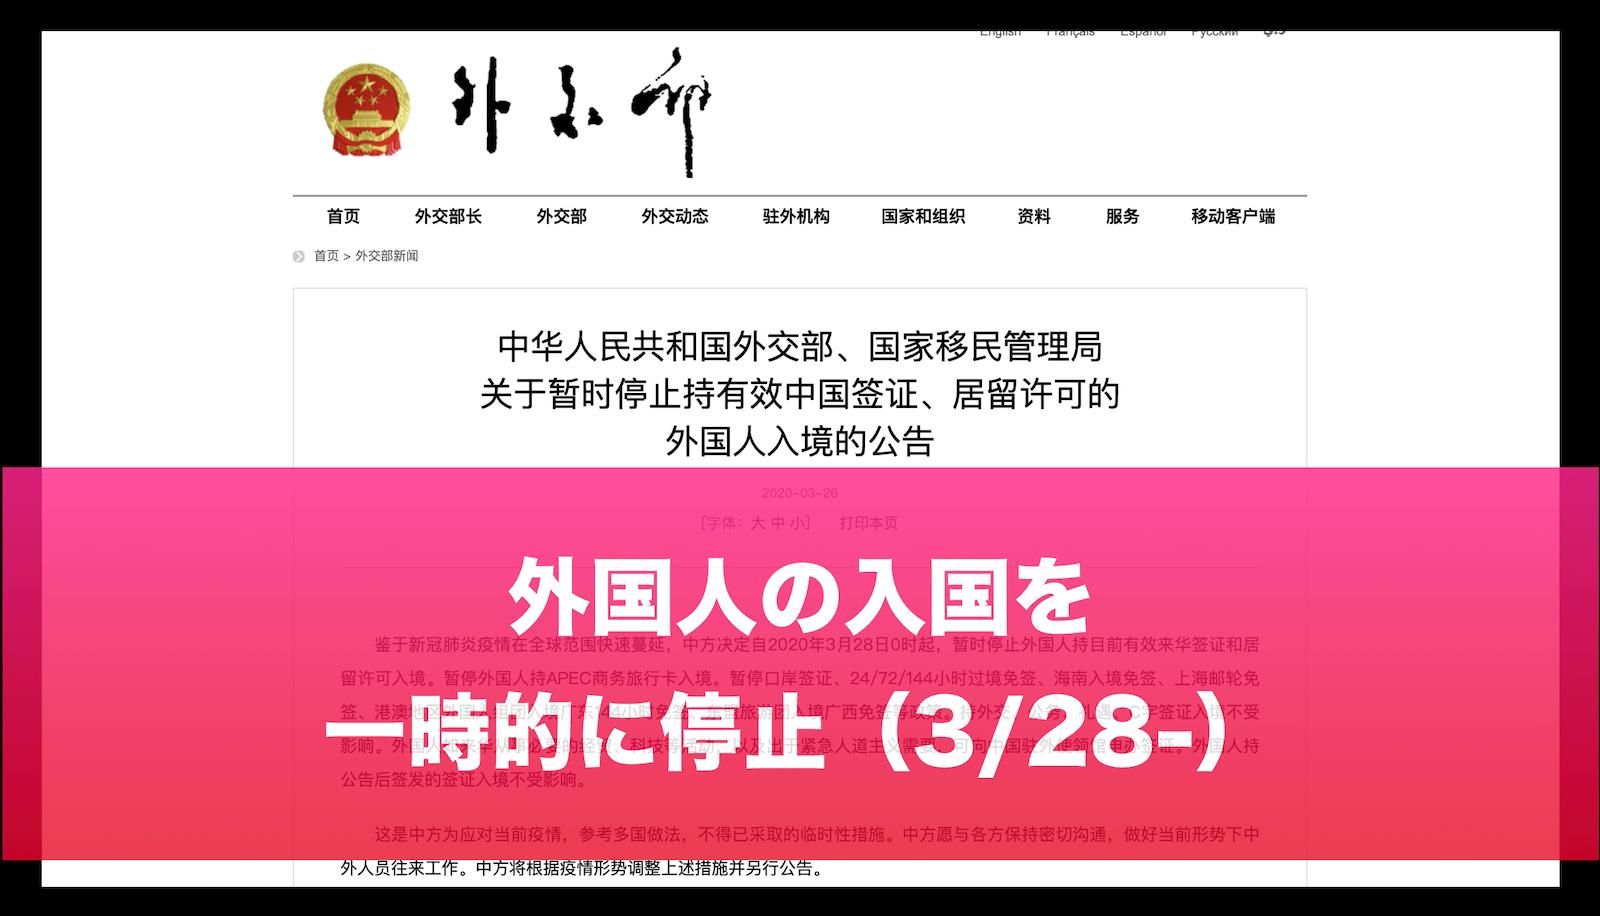 【速報】ほぼすべての外国人は中国入国禁止へ(3/28-)